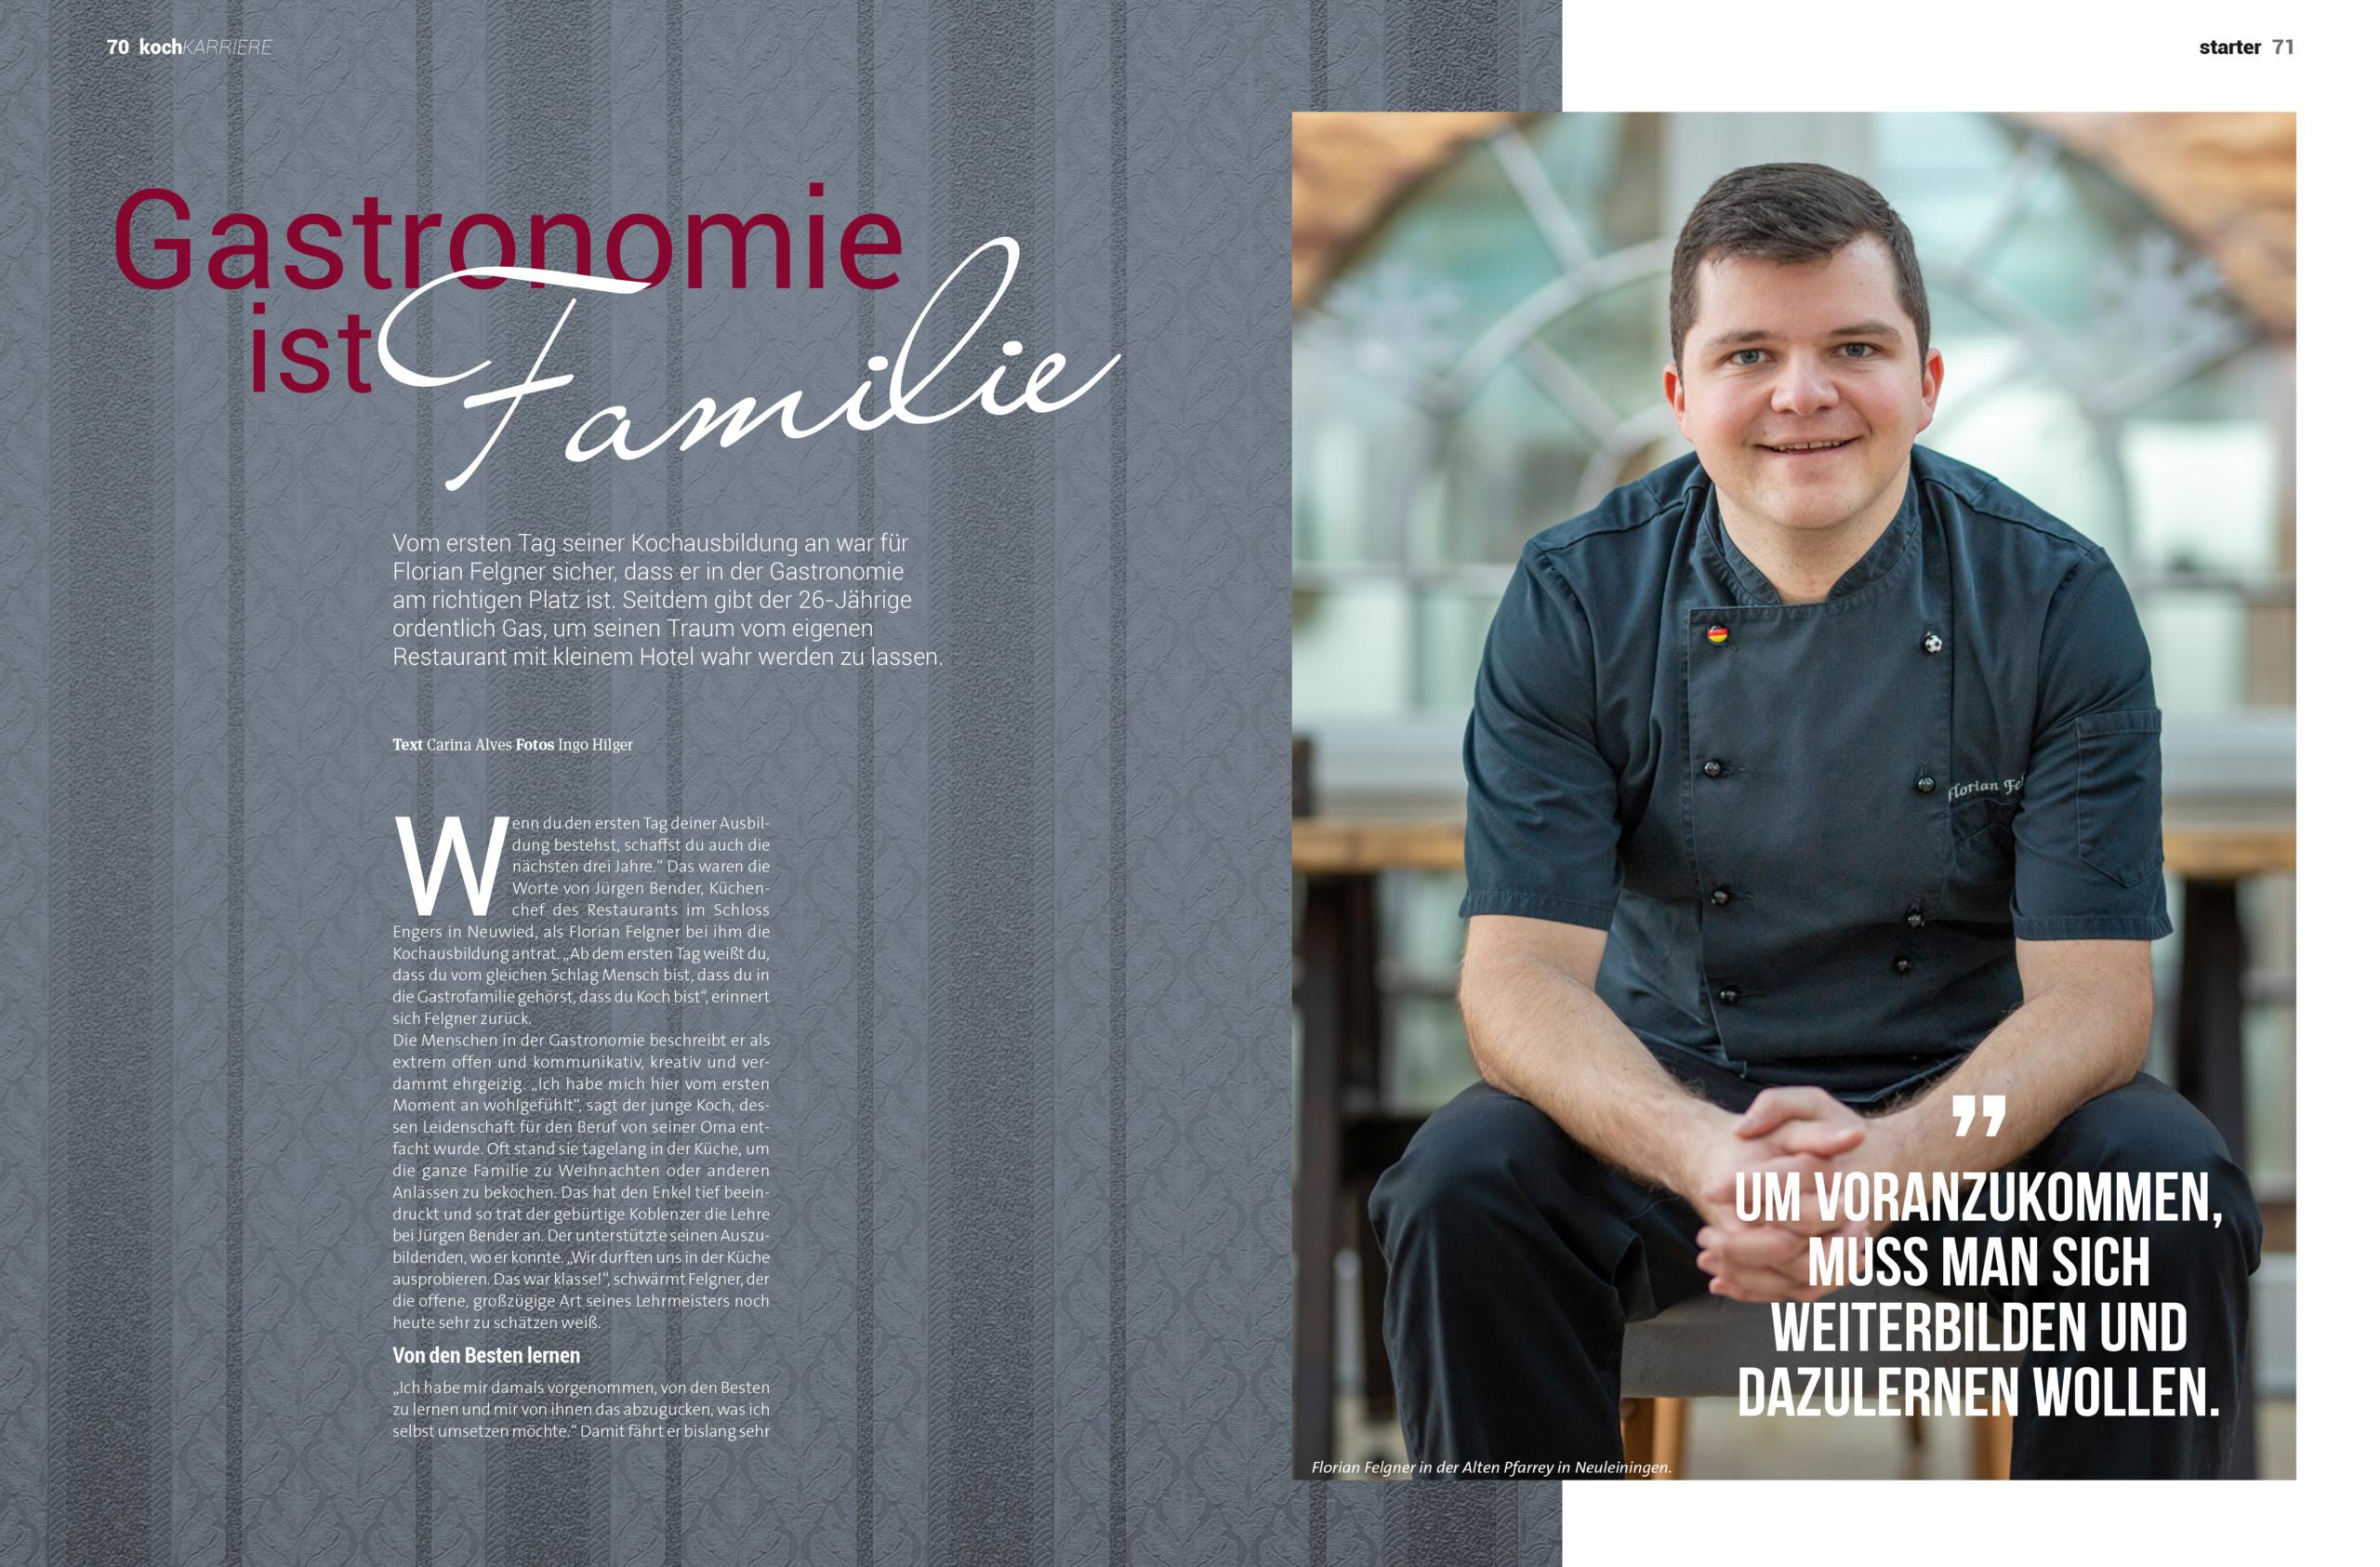 Für Florian Felgner ist Gastronomie Familie